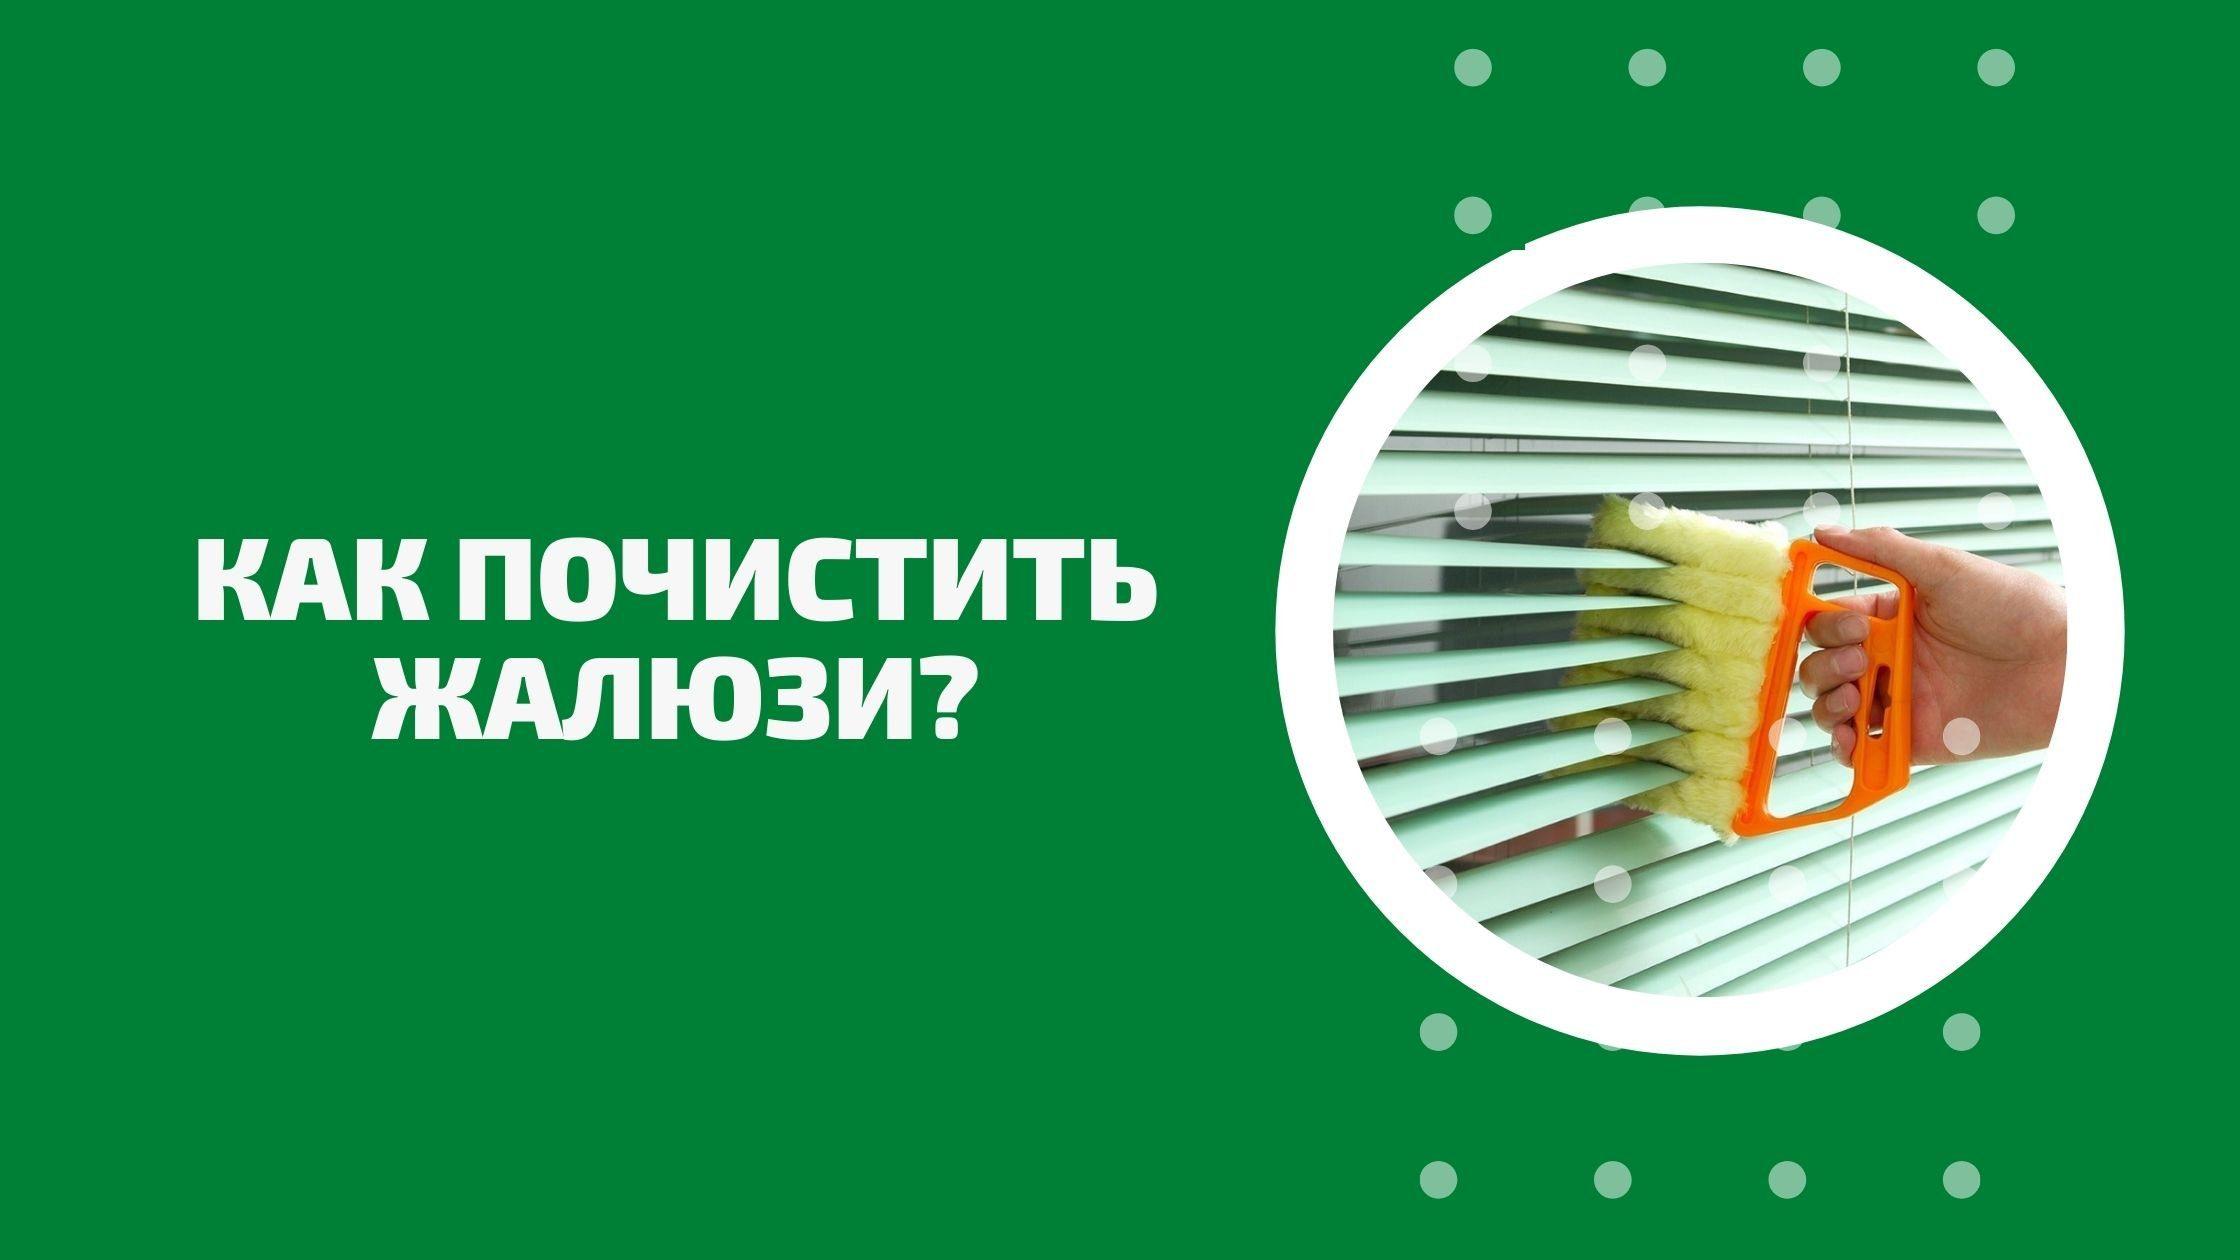 Как почистить жалюзи[Тканевые][Металлические][Деревянные]